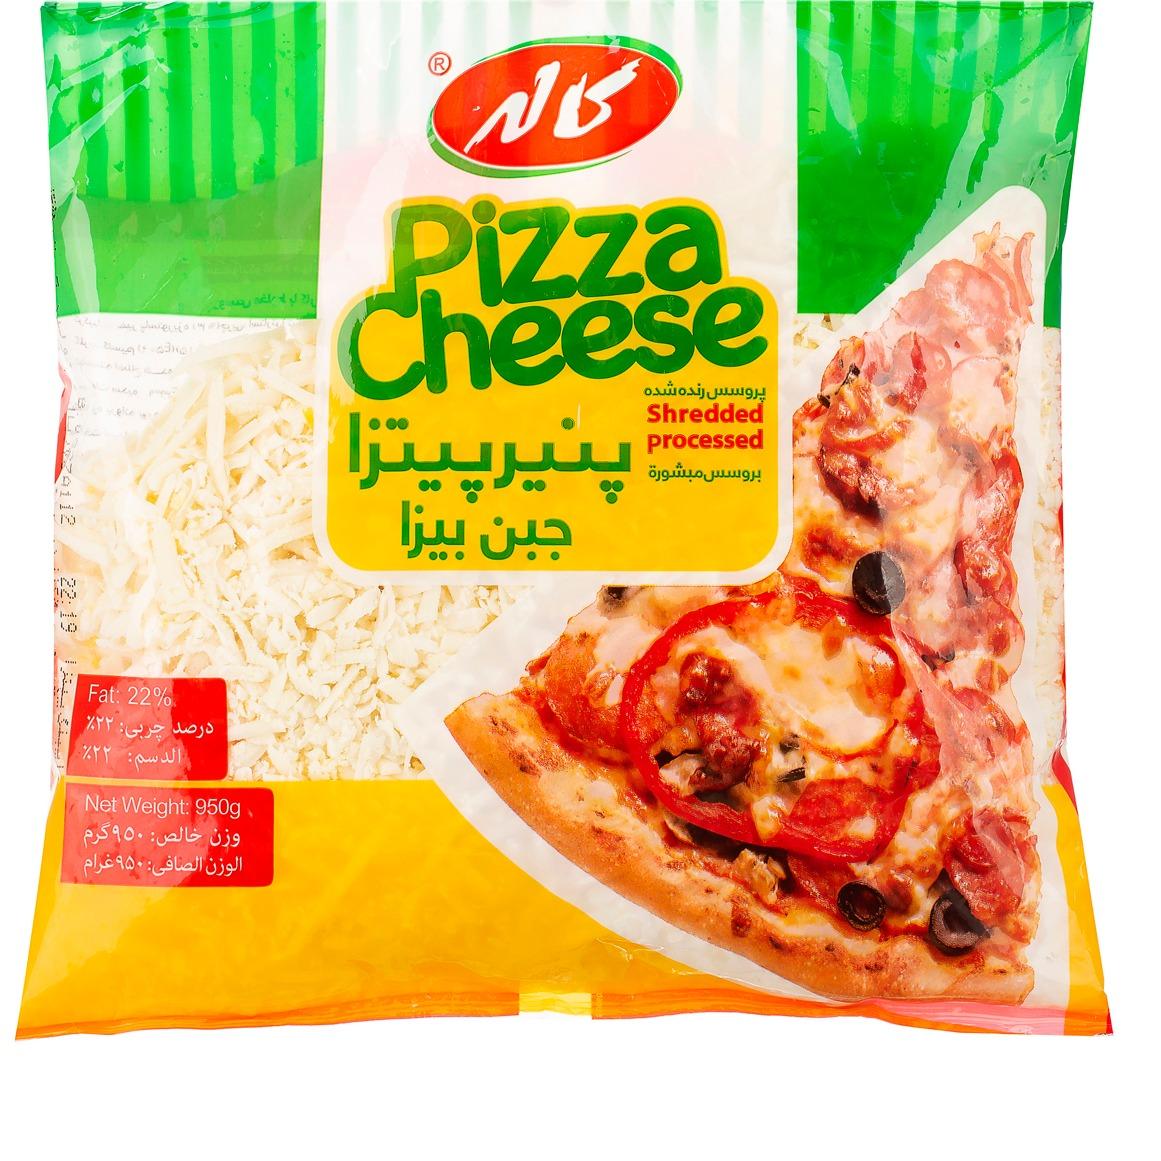 پنیر پیتزا پرسس رنده شده 950 گرمی کاله